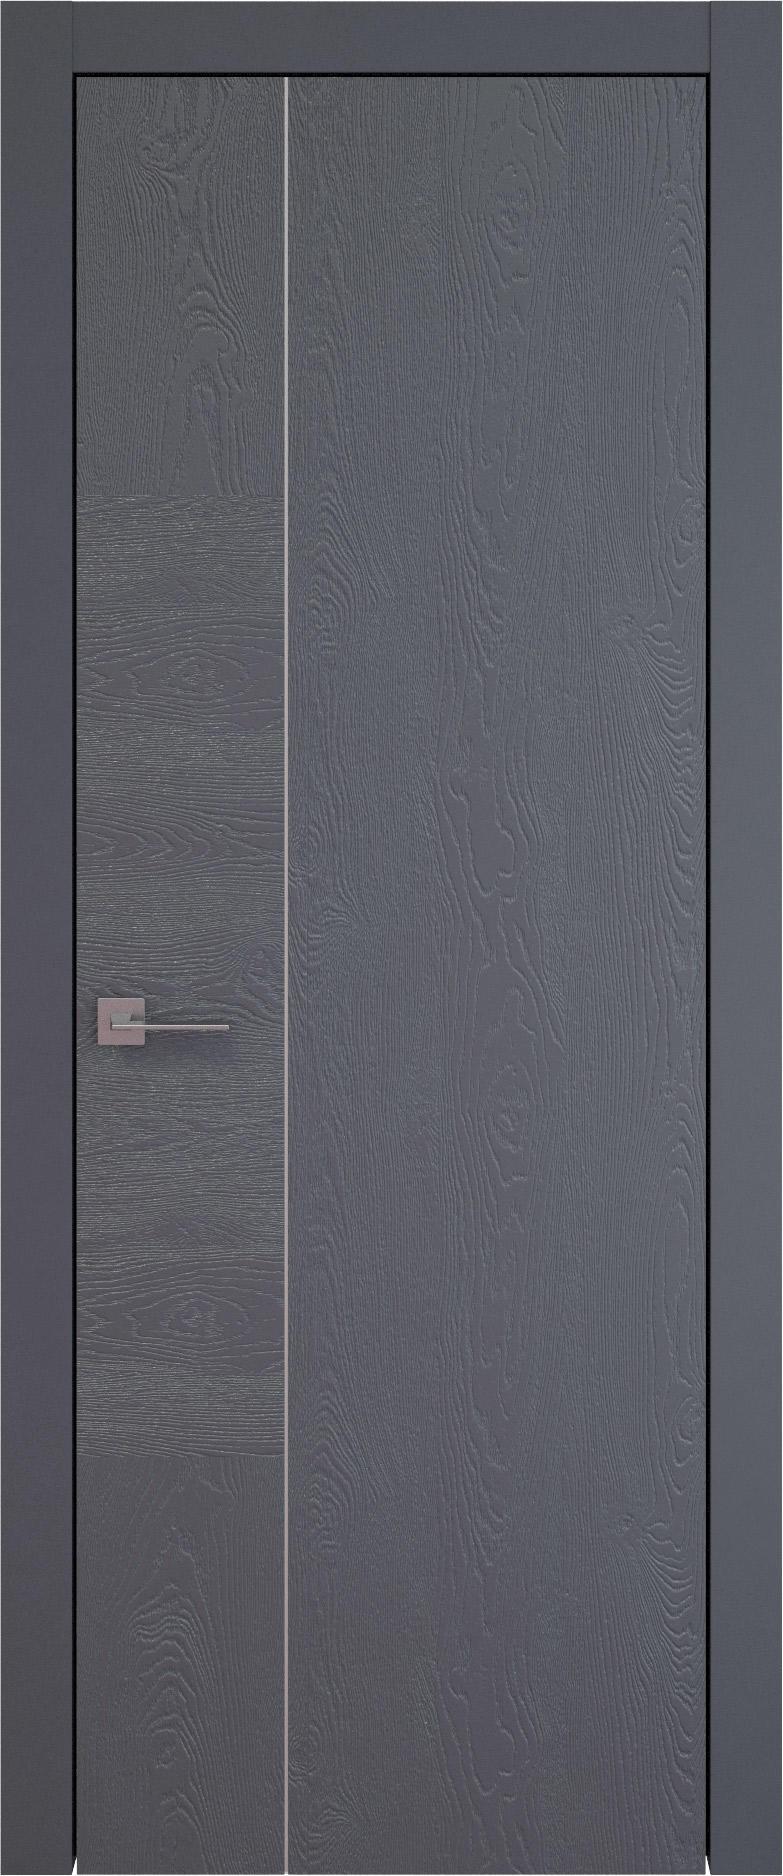 Tivoli В-1 цвет - Графитово-серая эмаль по шпону (RAL 7024) Без стекла (ДГ)